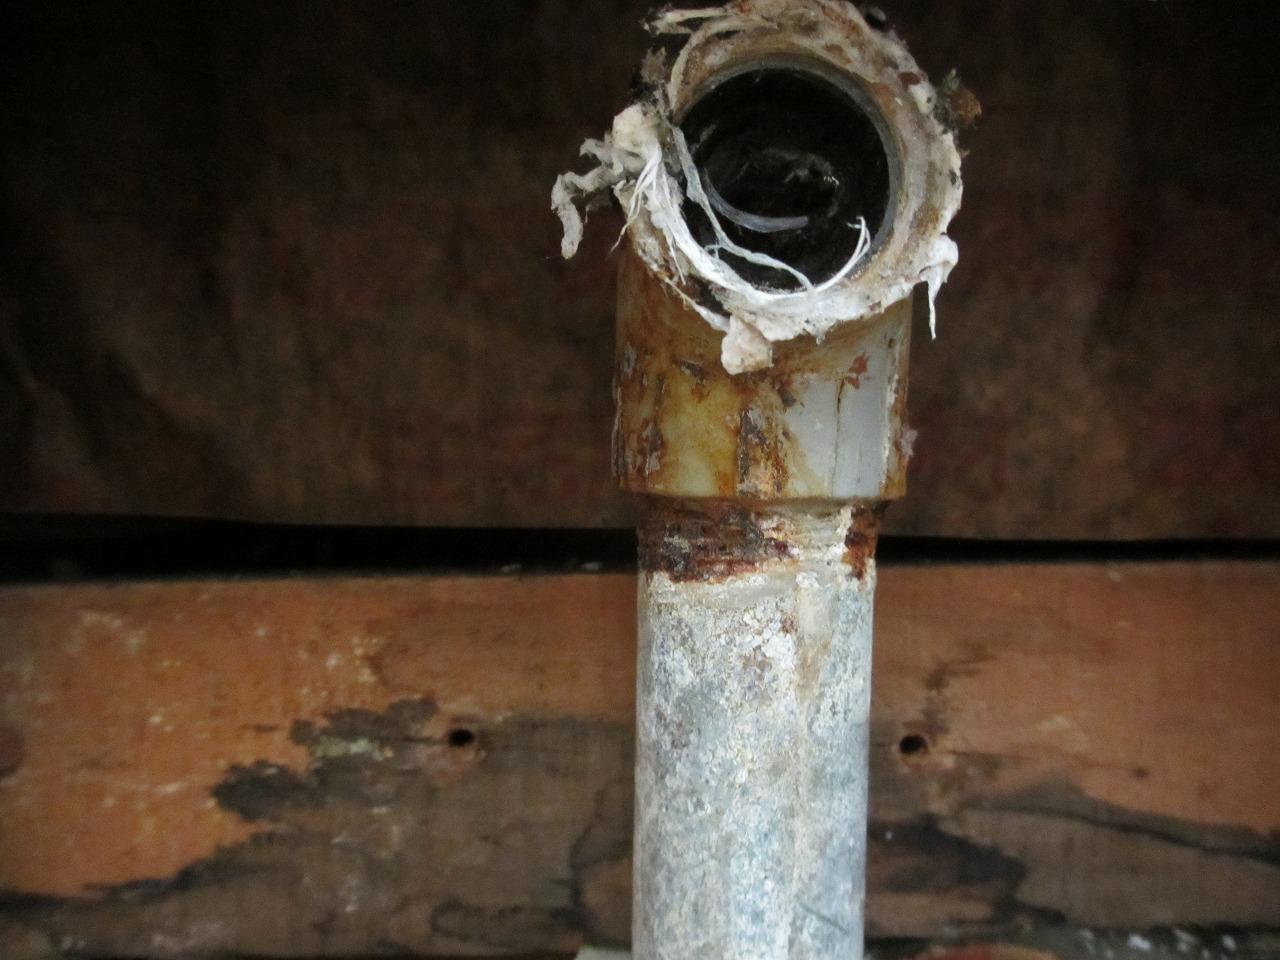 横浜,リフォーム,トイレ,トイレ交換,給水管補修